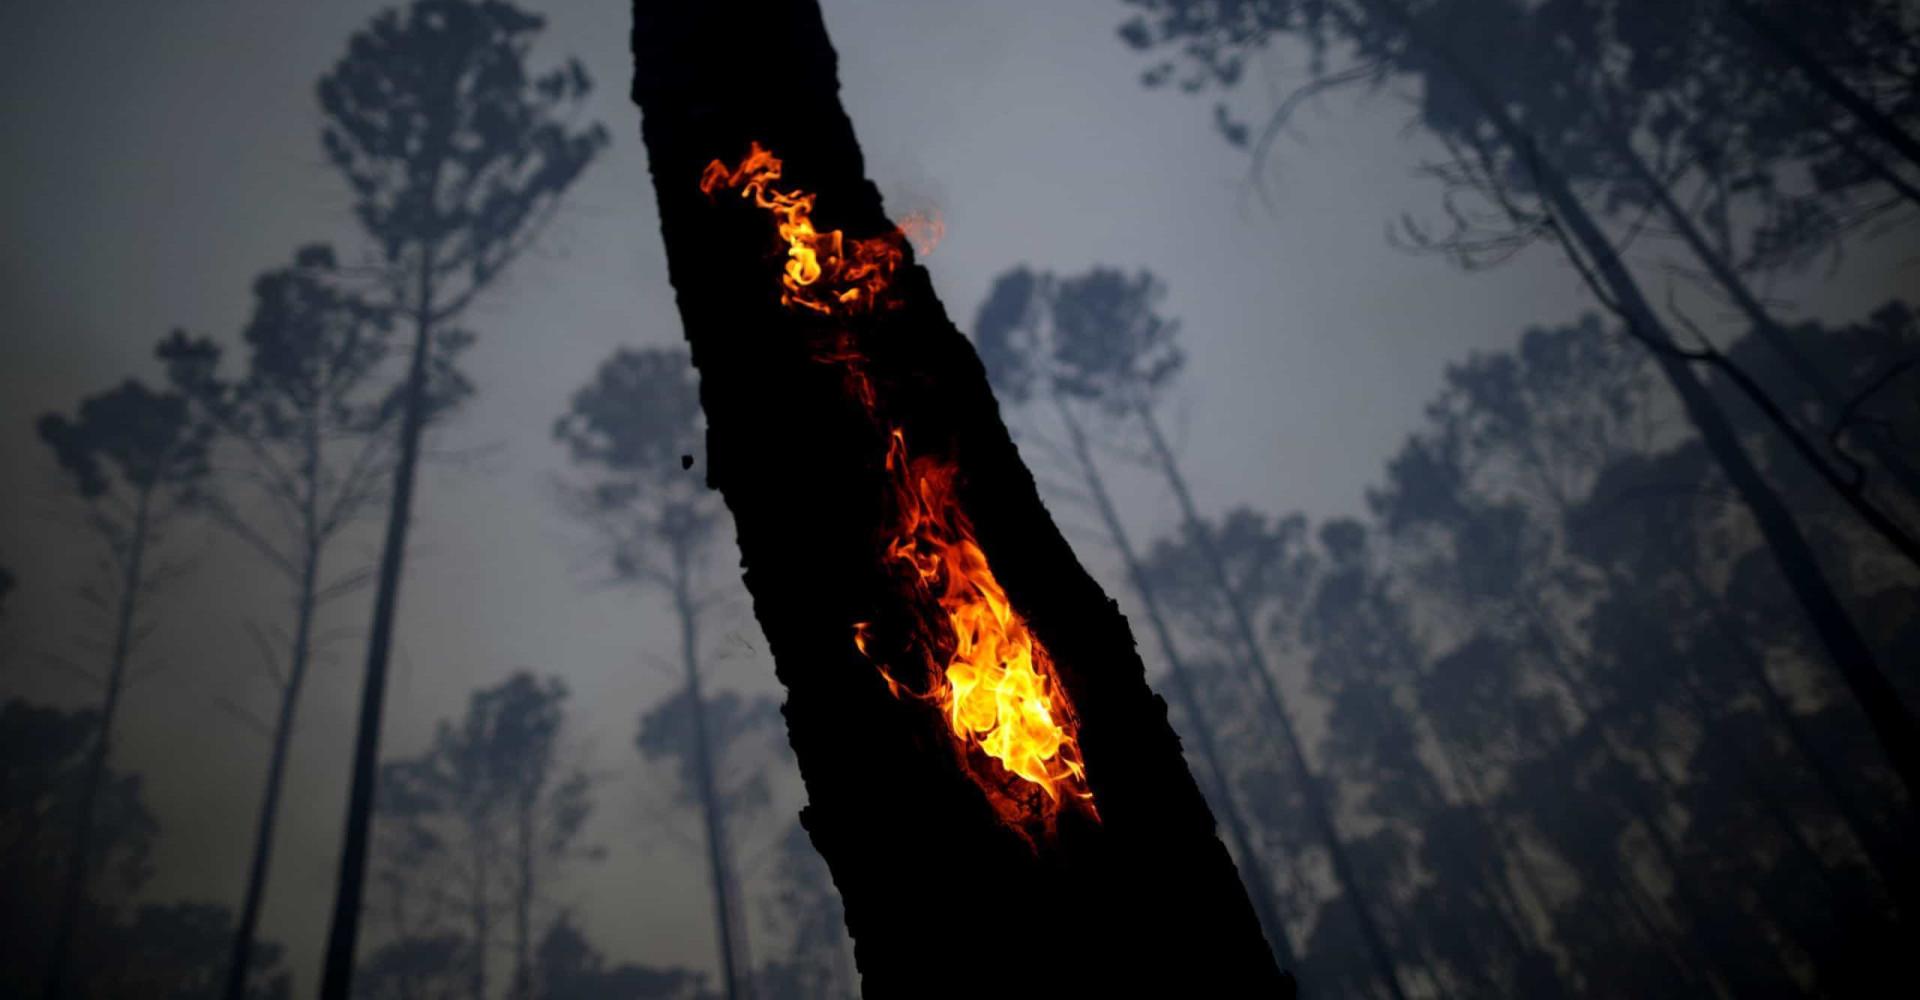 Amazzonia: il polmone del mondo distrutto dalle fiamme